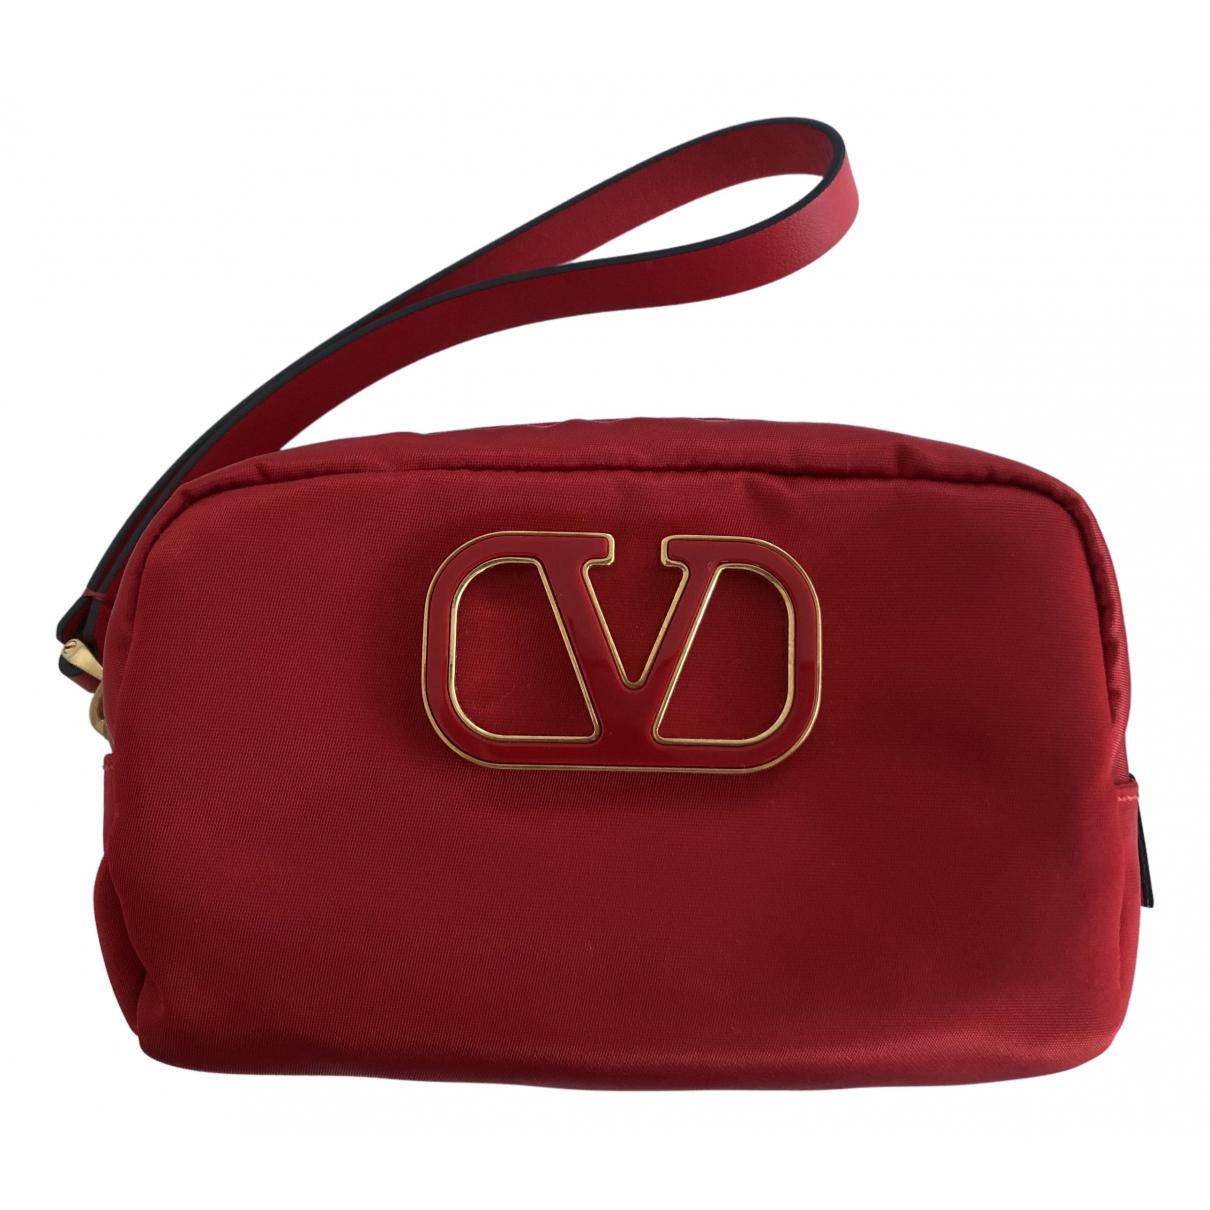 Valentino Garavani - Sac de voyage   pour femme - rouge